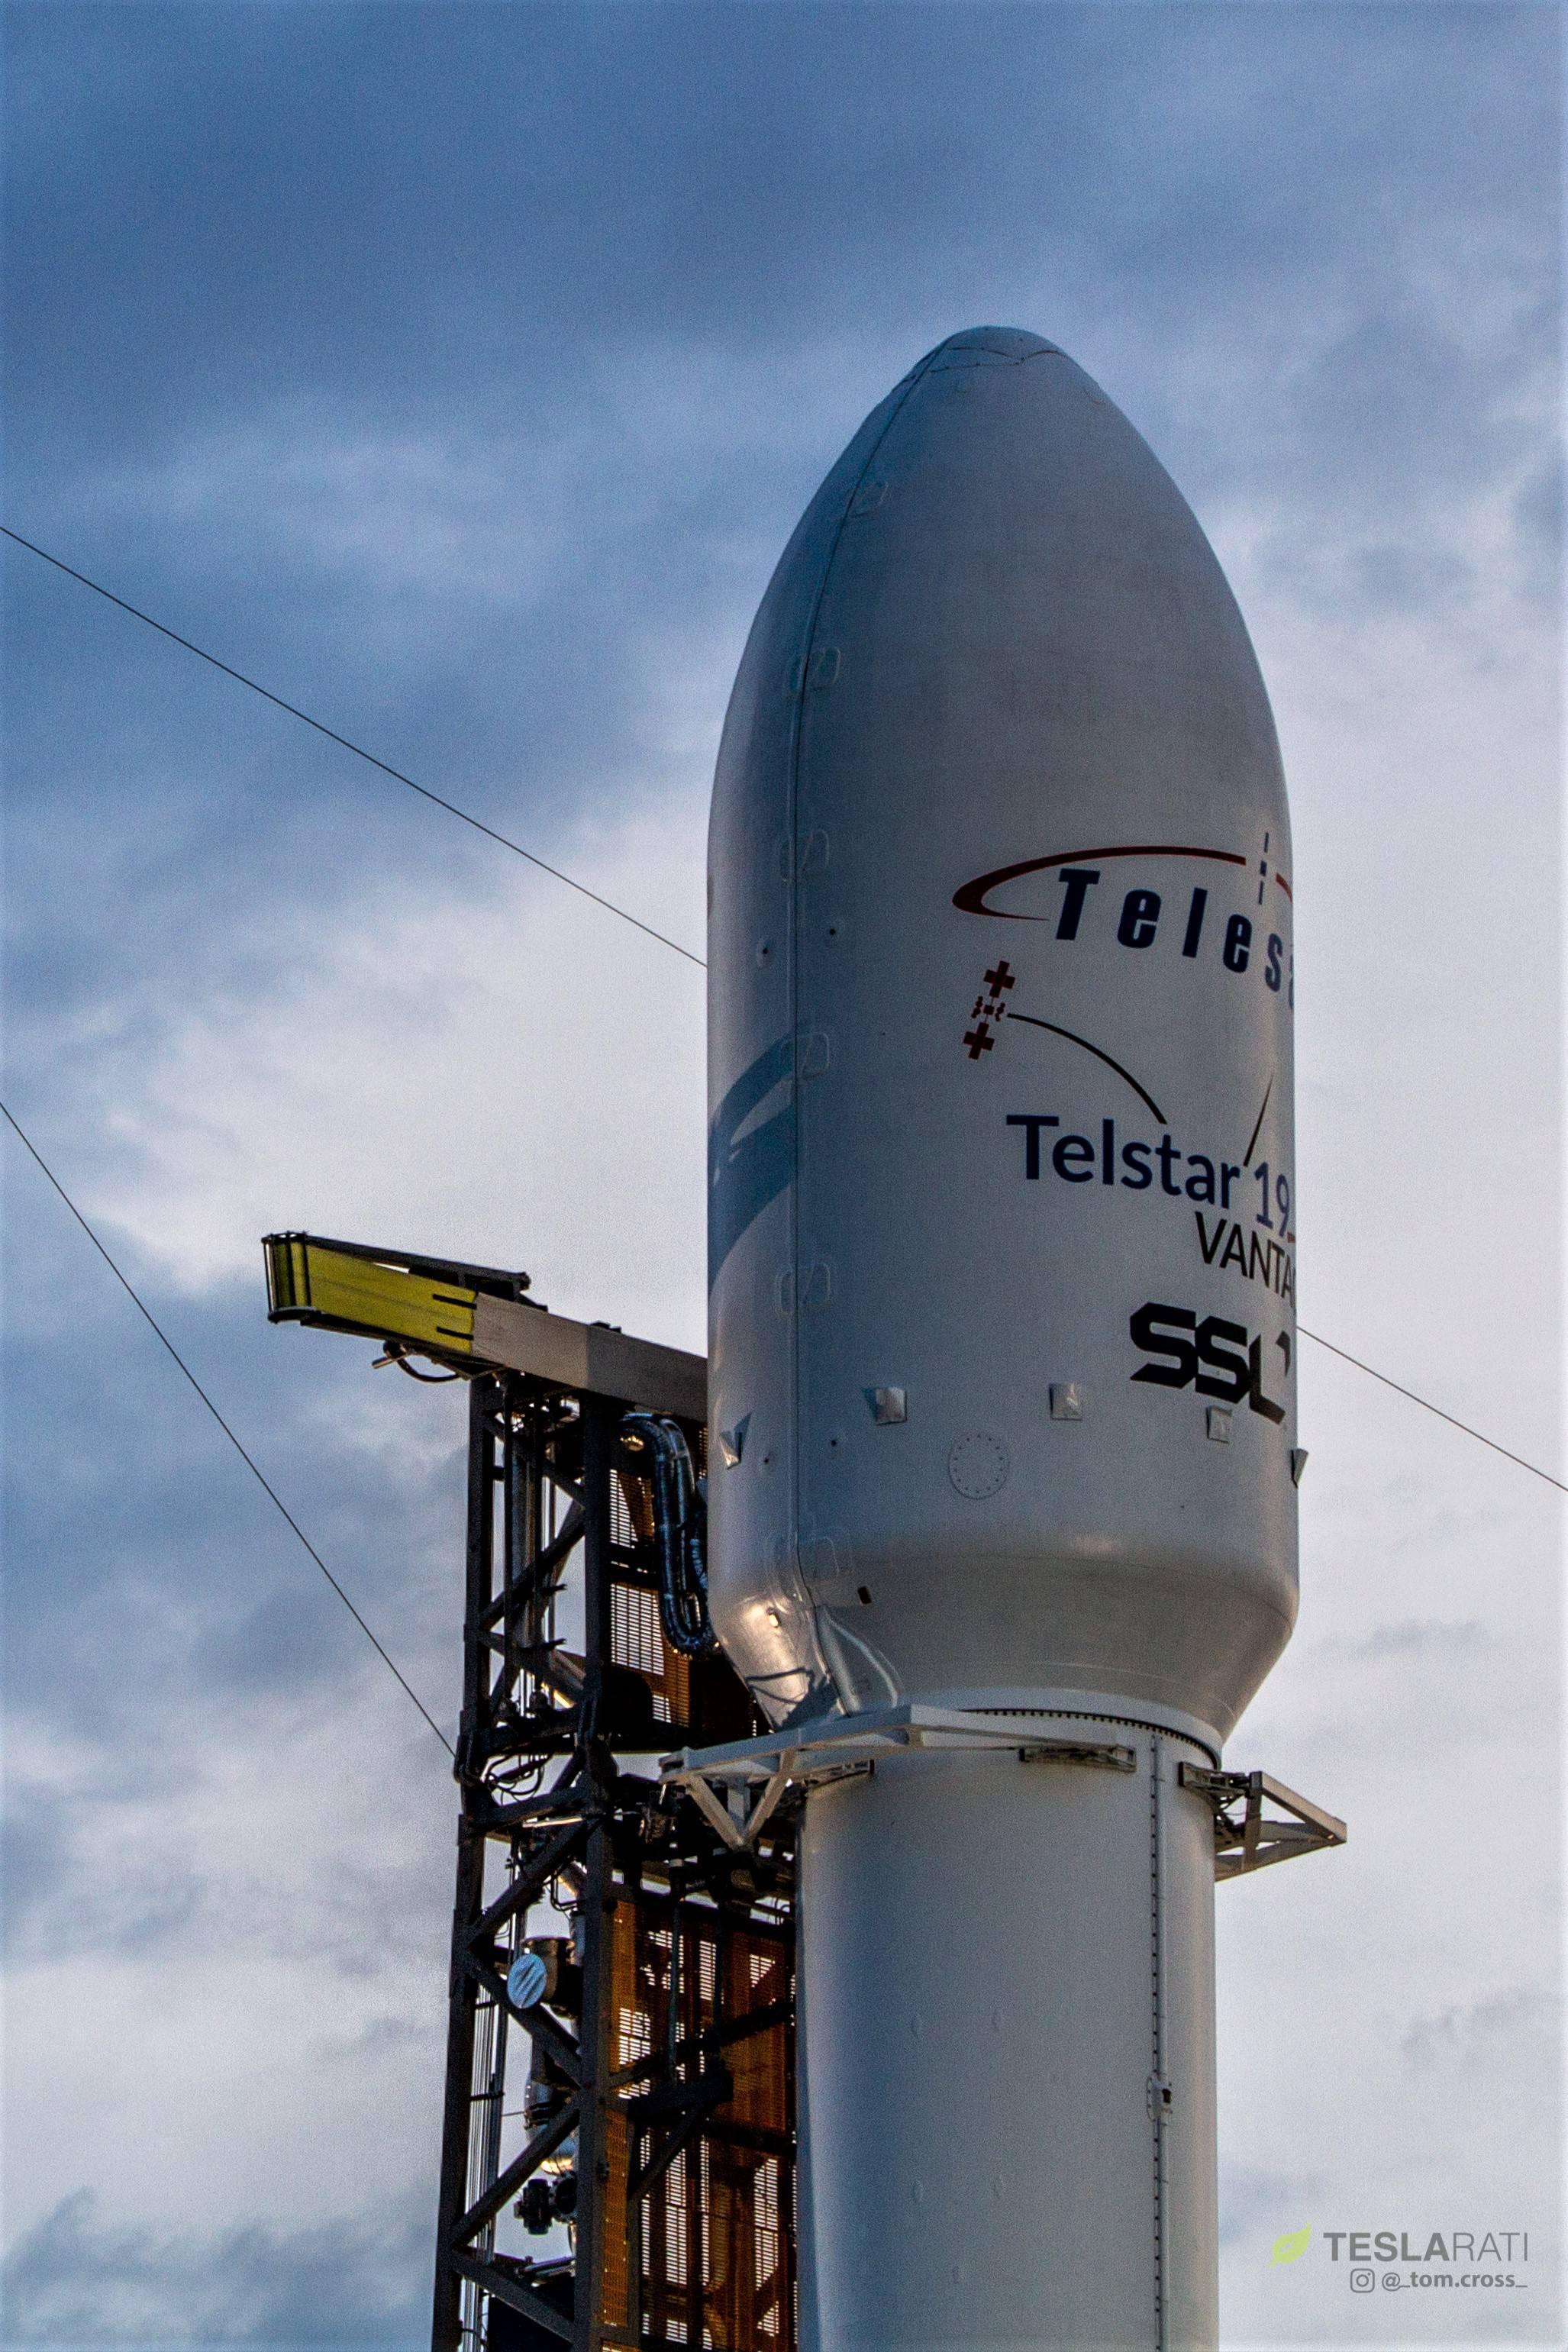 Telstar 19V B1047 vertical (Tom Cross) 15